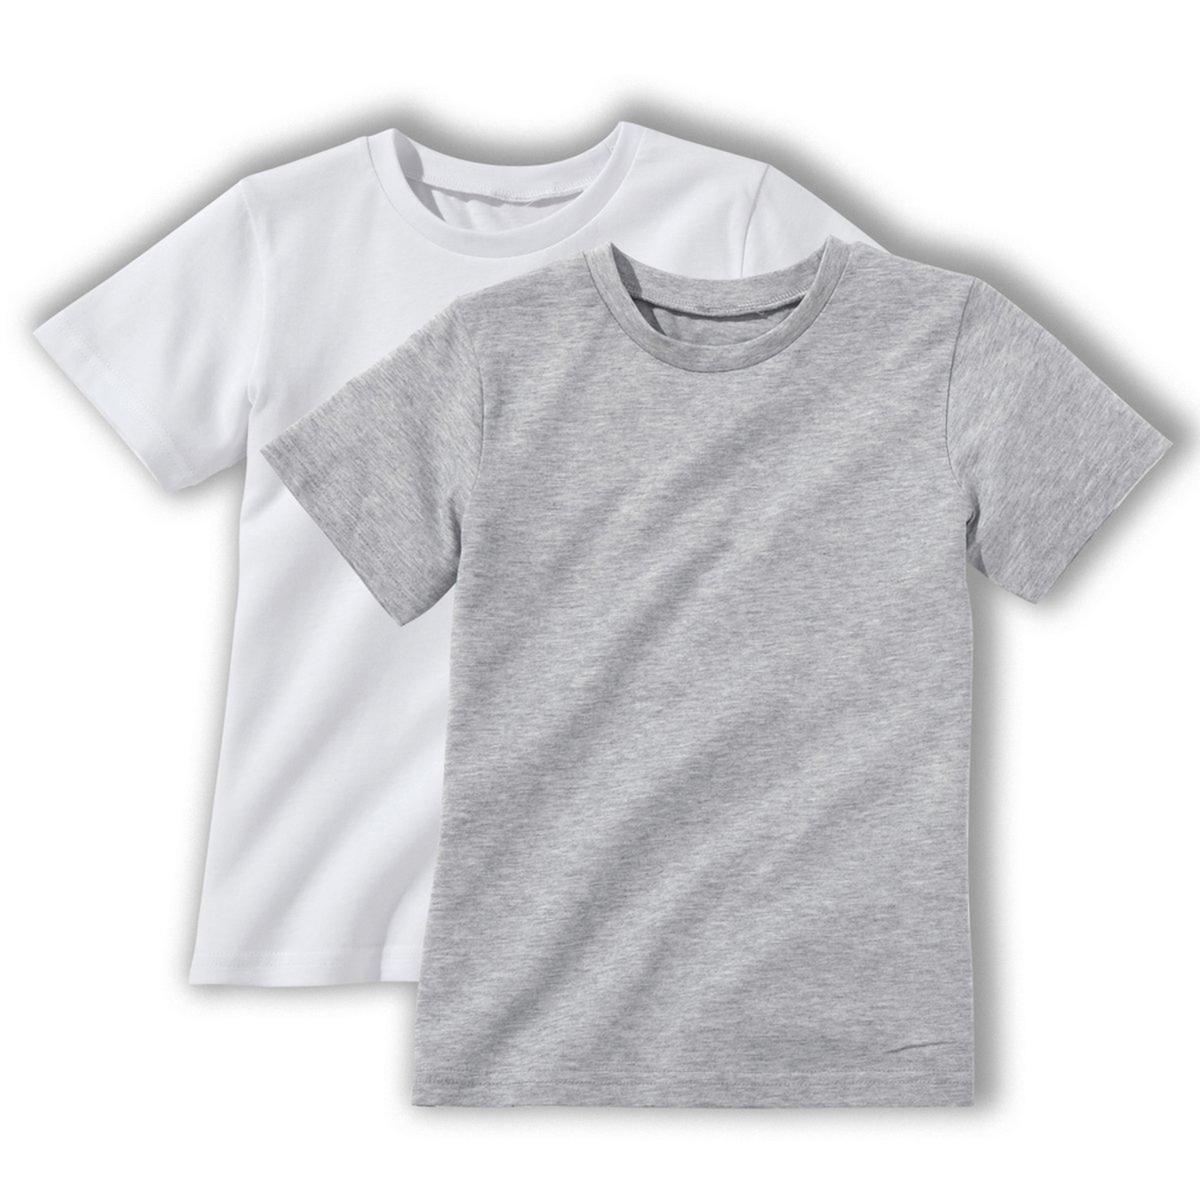 Комплект из 2 однотонных футболок 3-12 летОписание:Детали •  Короткие рукава •  Круглый вырезСостав и уход •  100% хлопок •  Температура стирки 30° •  Сухая чистка и отбеливание запрещены •  Не использовать барабанную сушку •  Низкая температура глажки<br><br>Цвет: белый/серый меланж,красный + белый,черный + серый меланж<br>Размер: 12 лет -150 см.12 лет -150 см.3 года - 94 см.6 лет - 114 см.10 лет - 138 см.5 лет - 108 см.8 лет - 126 см.6 лет - 114 см.4 года - 102 см.5 лет - 108 см.10 лет - 138 см.8 лет - 126 см.6 лет - 114 см.4 года - 102 см